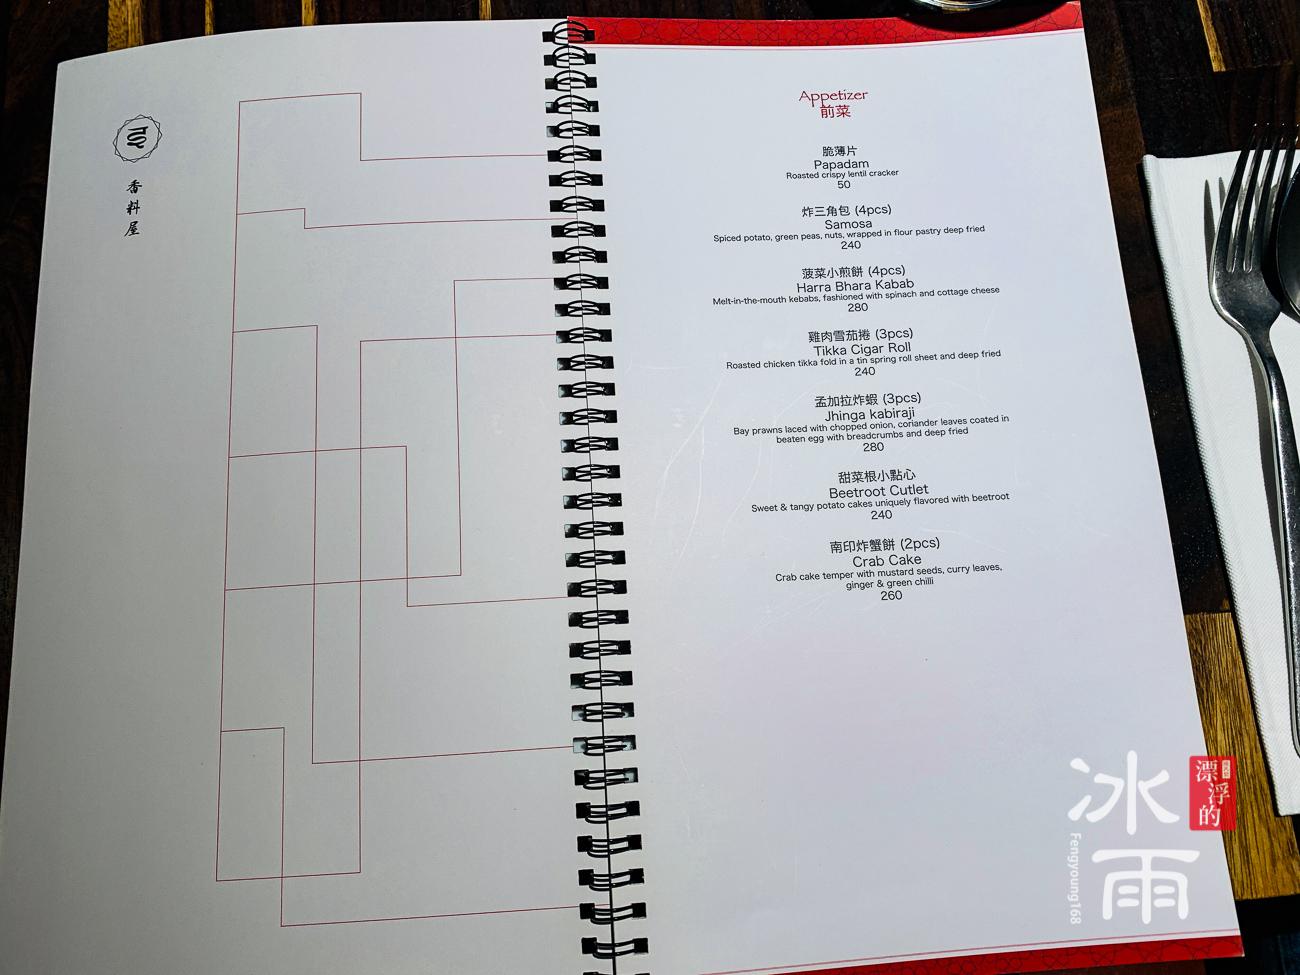 香料屋 菜單